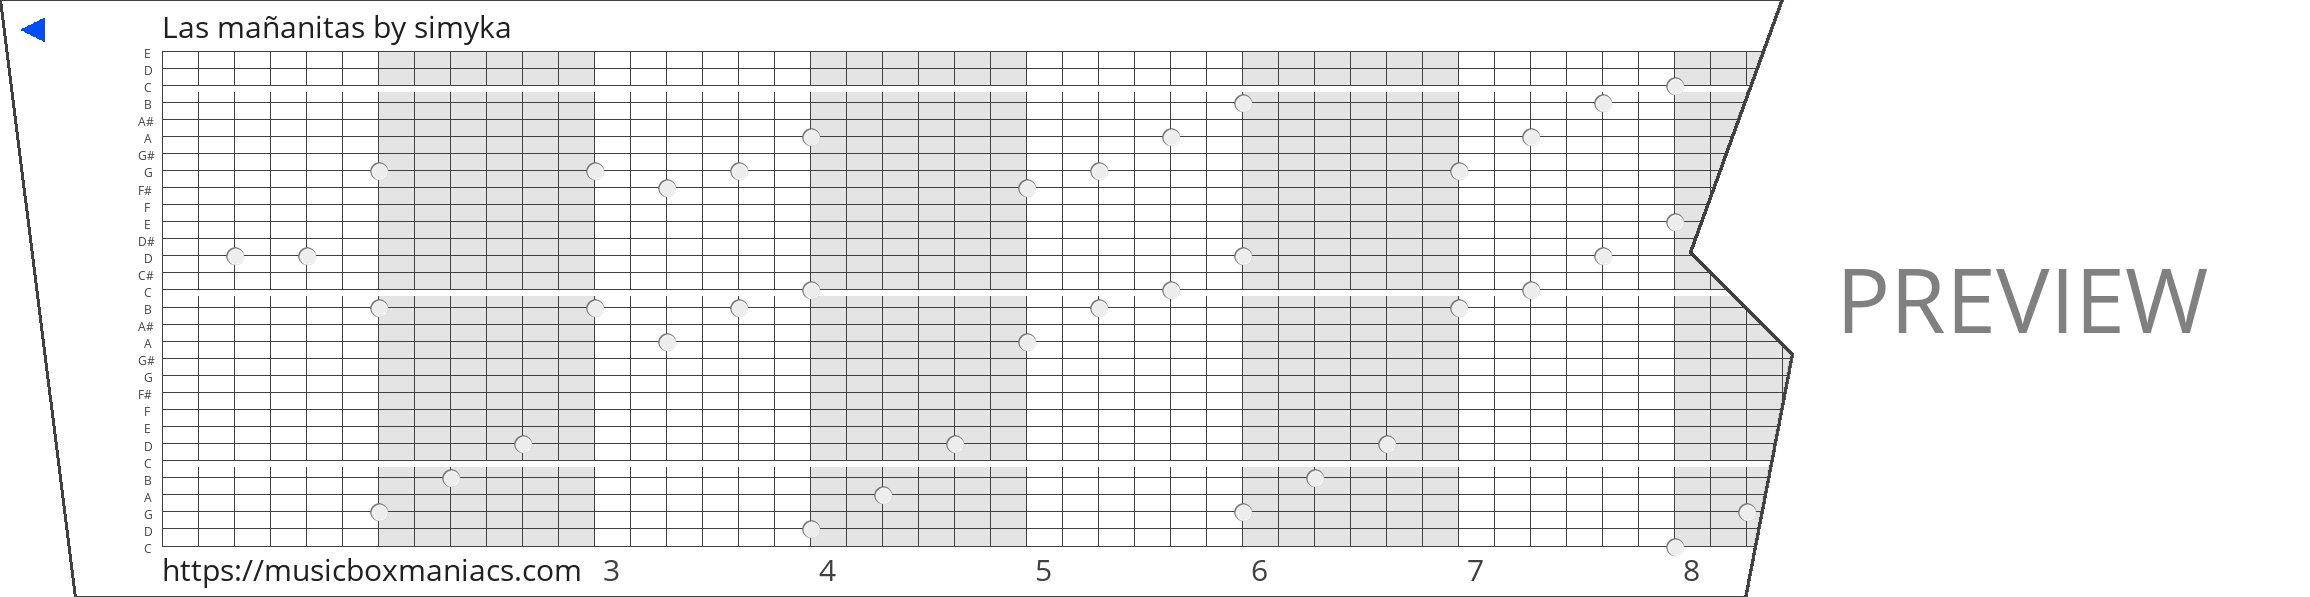 Las mañanitas 30 note music box paper strip